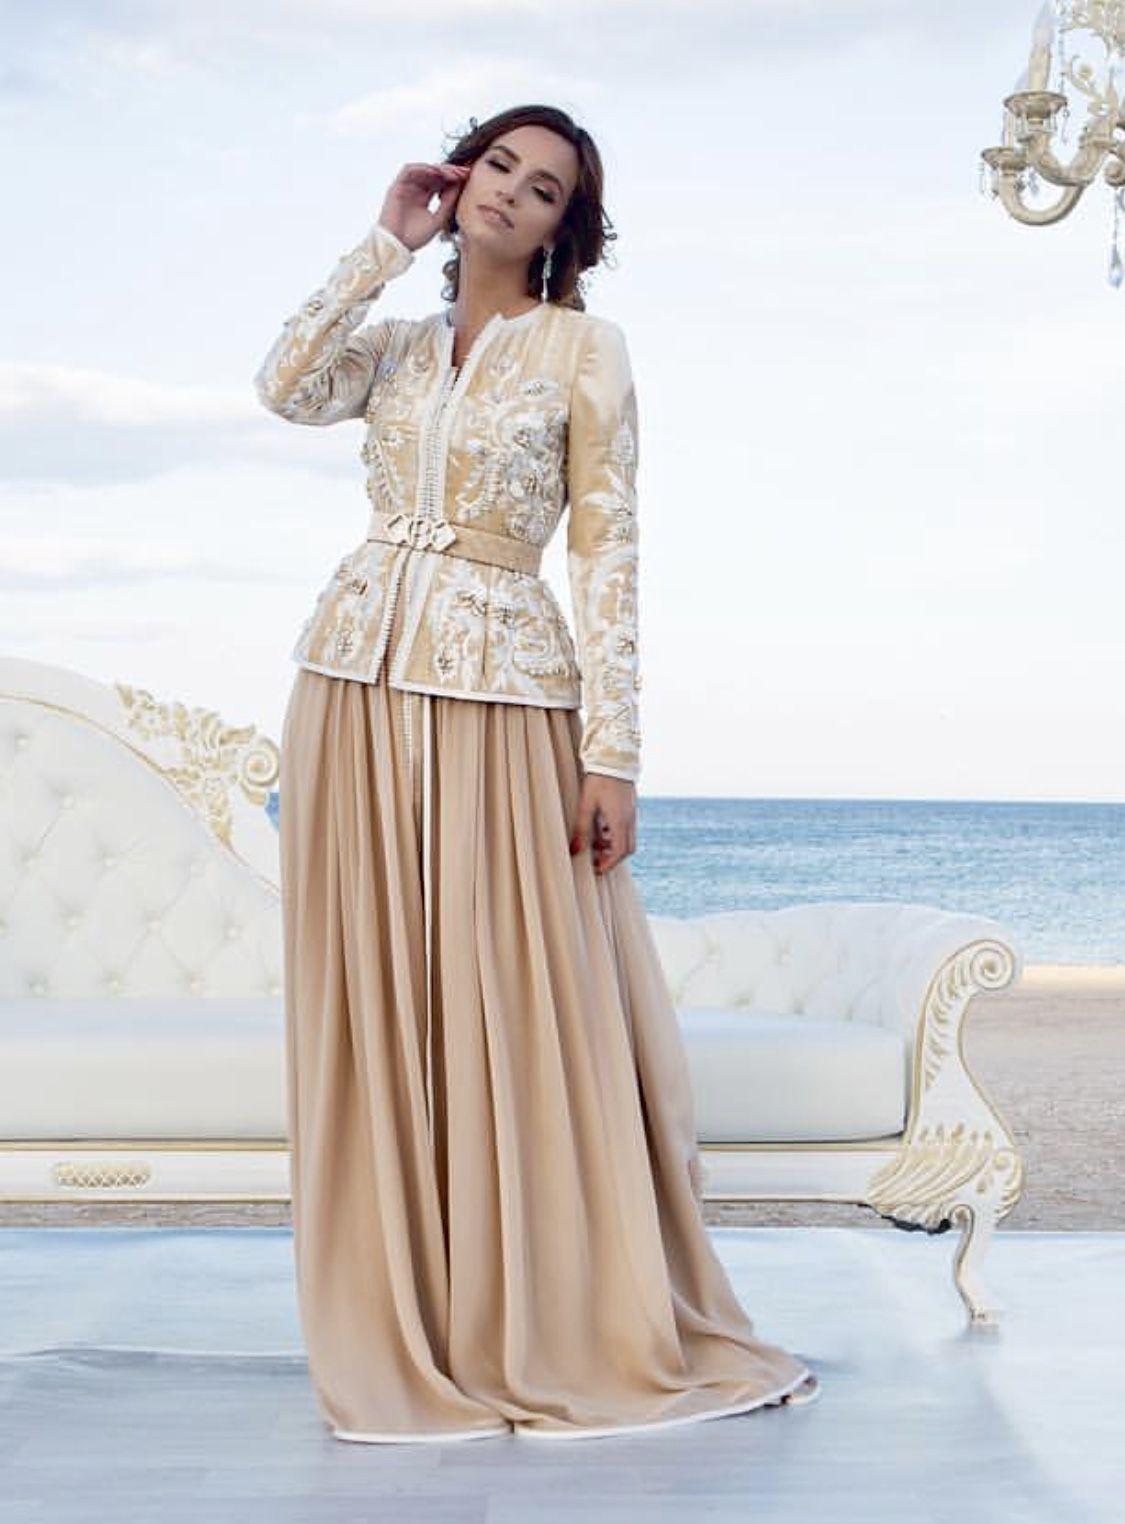 d998ed19c9f5 Romeo haute couture Caftan Marroqui, Moda Árabe, Moda Vaquera, Bordado,  Caftanes,